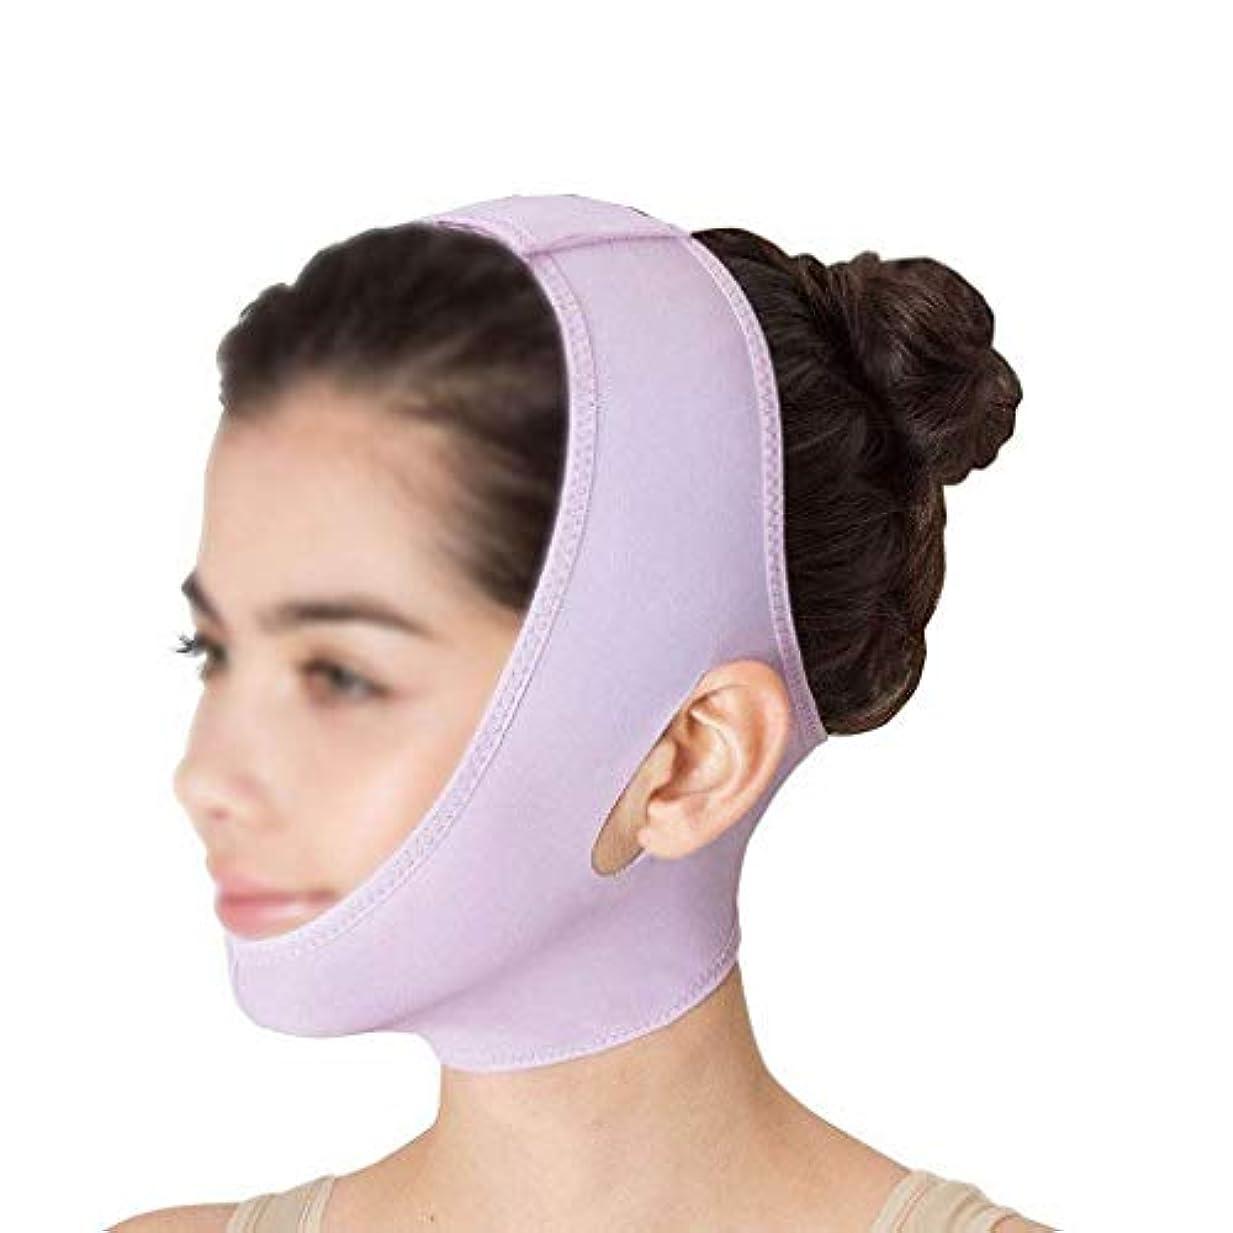 割る液化するノート薄いフェイスマスク ビームフェイス、薄いダブルチンでスリーピングマスクの下の頬を防ぎ、小さなVフェイスを作成